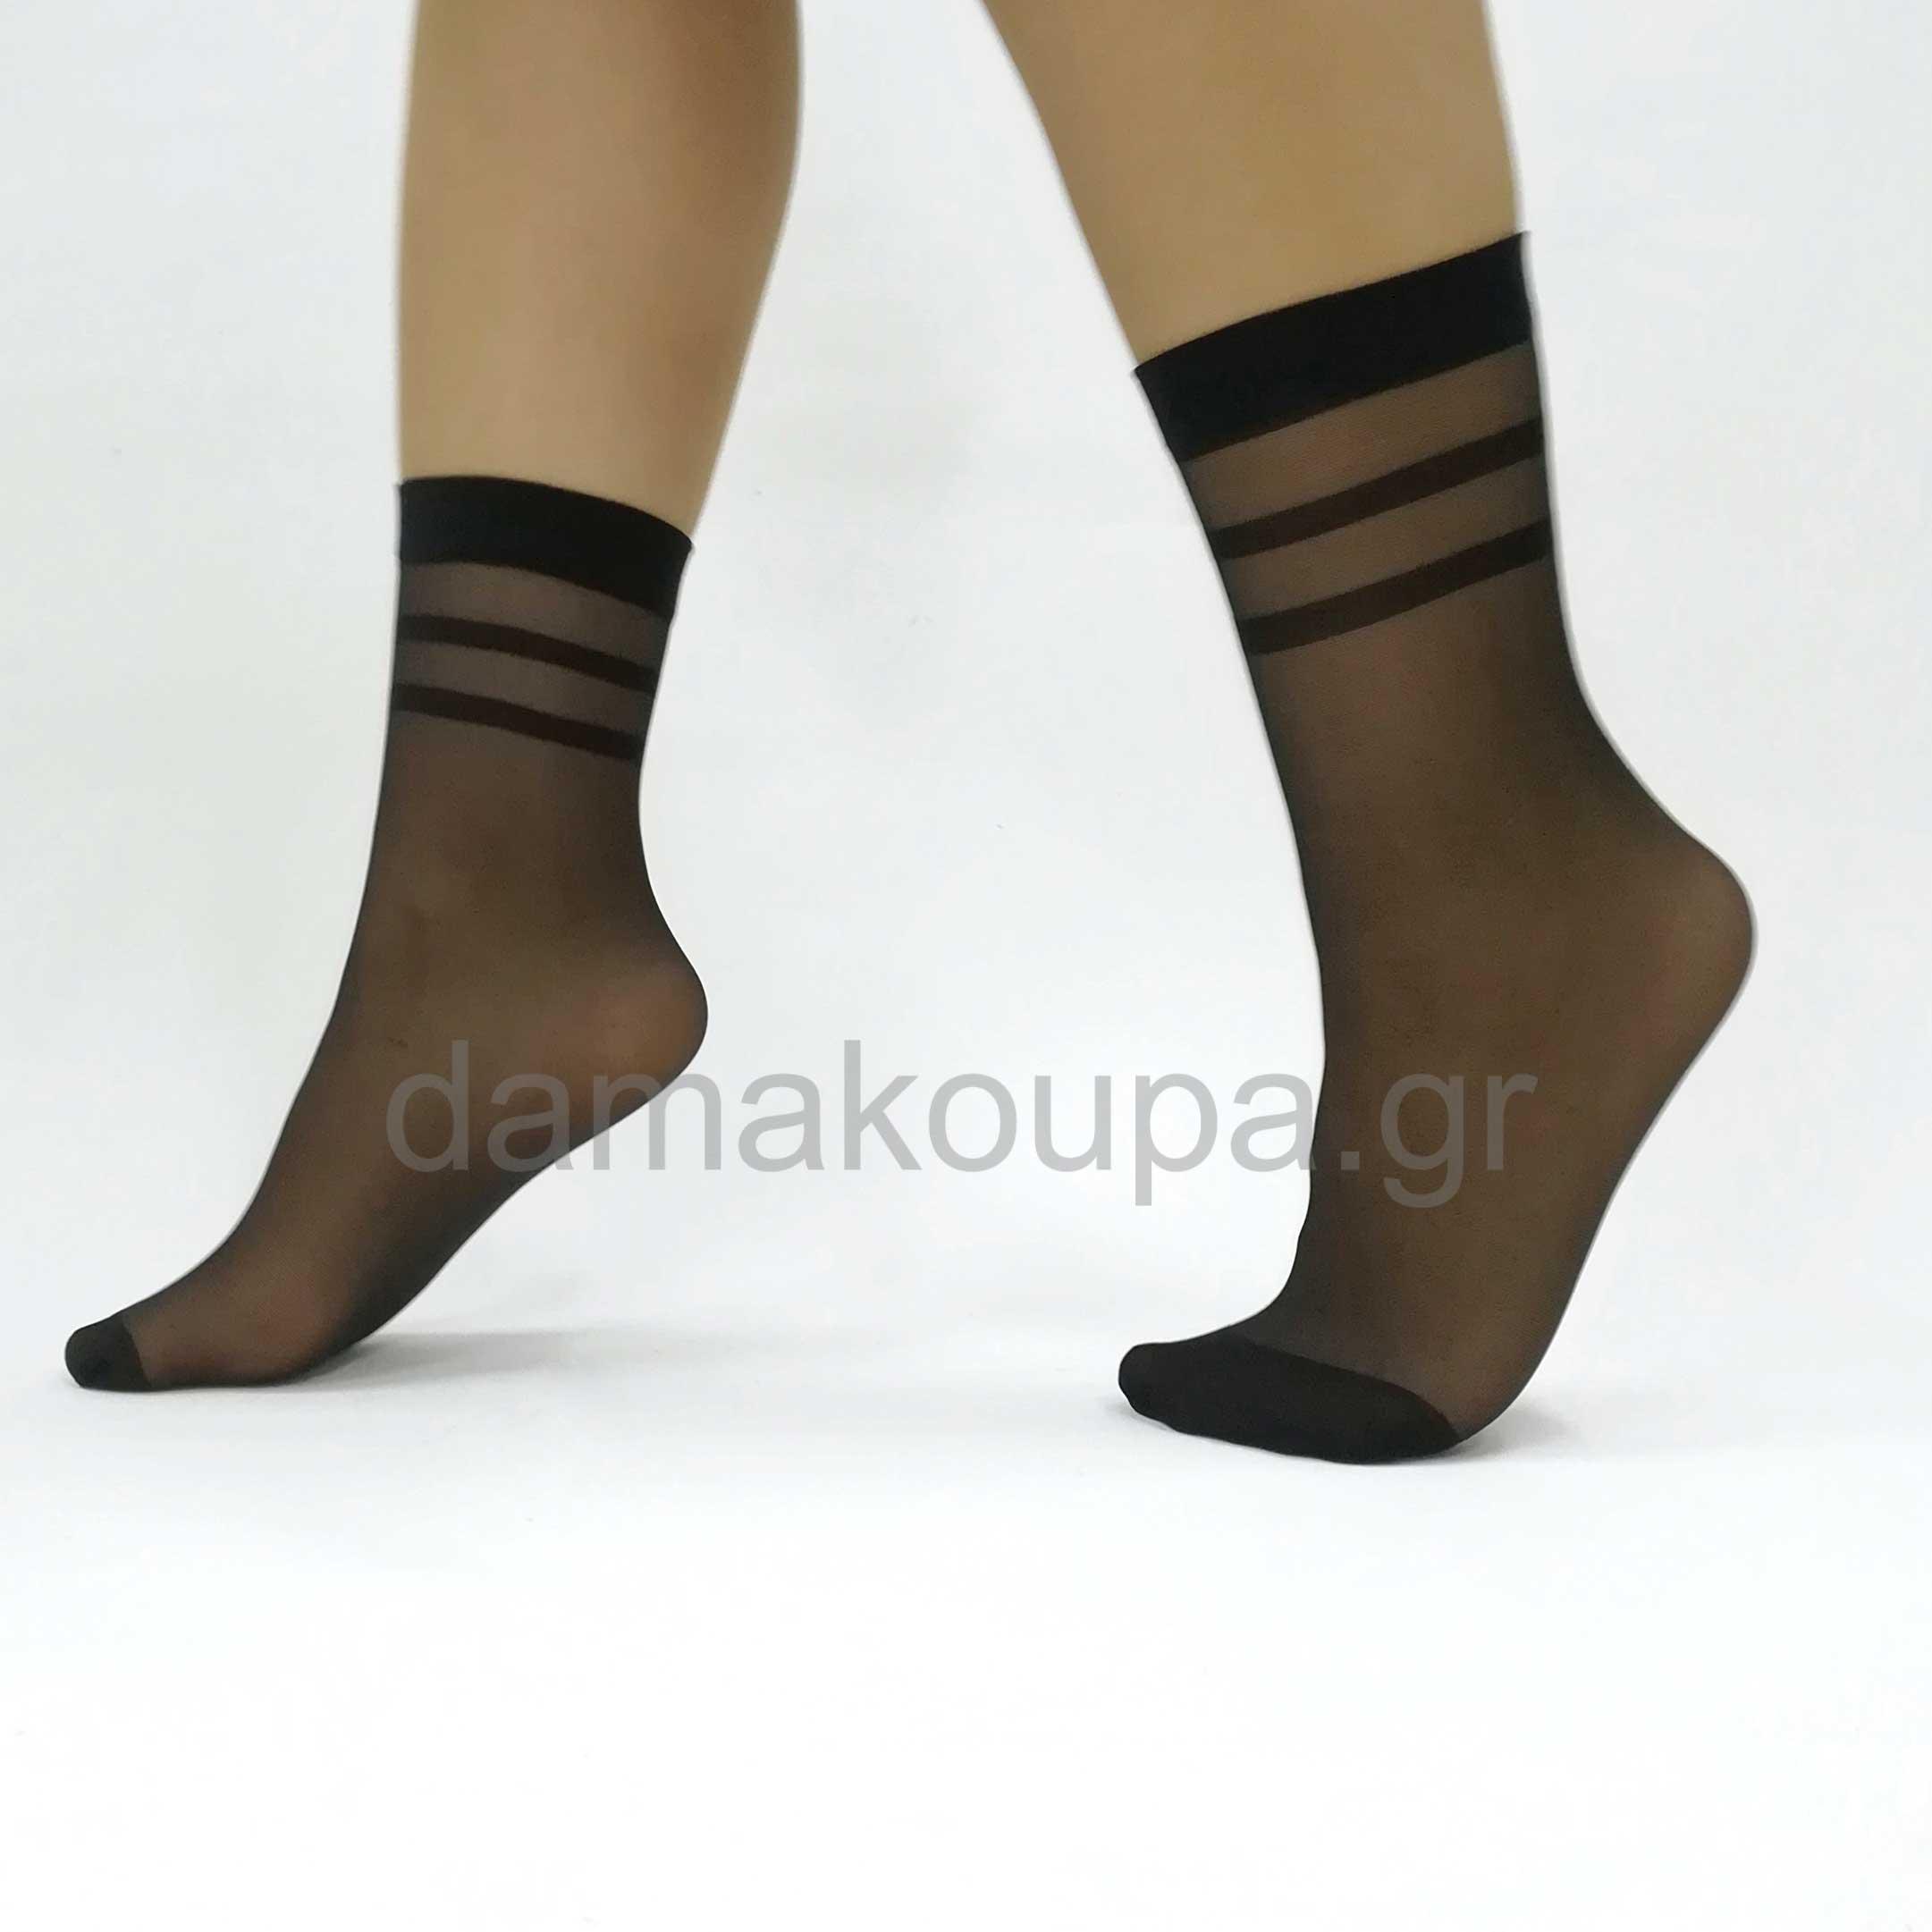 Γυναικείες κάλτσες με ρίγα Κάλτσες γυναικείες με ρίγες ea832b157f0